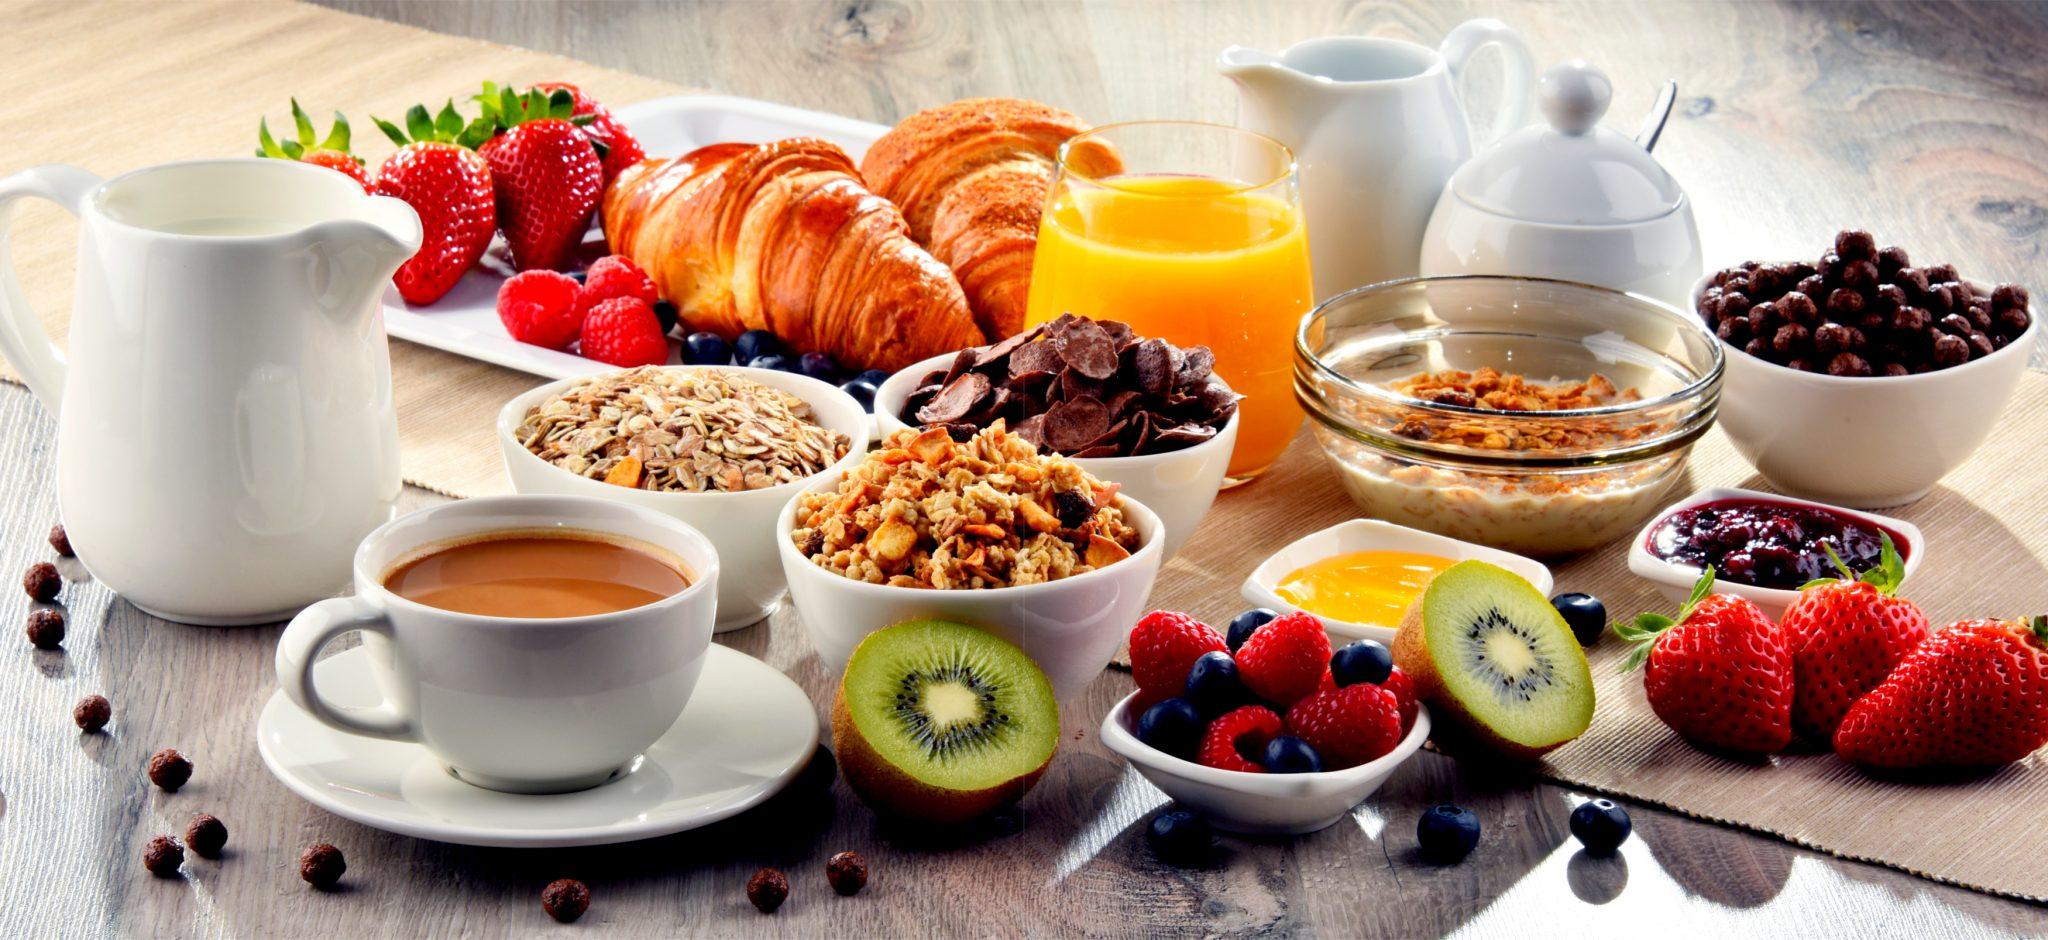 フルーツ盛りだくさんの朝食